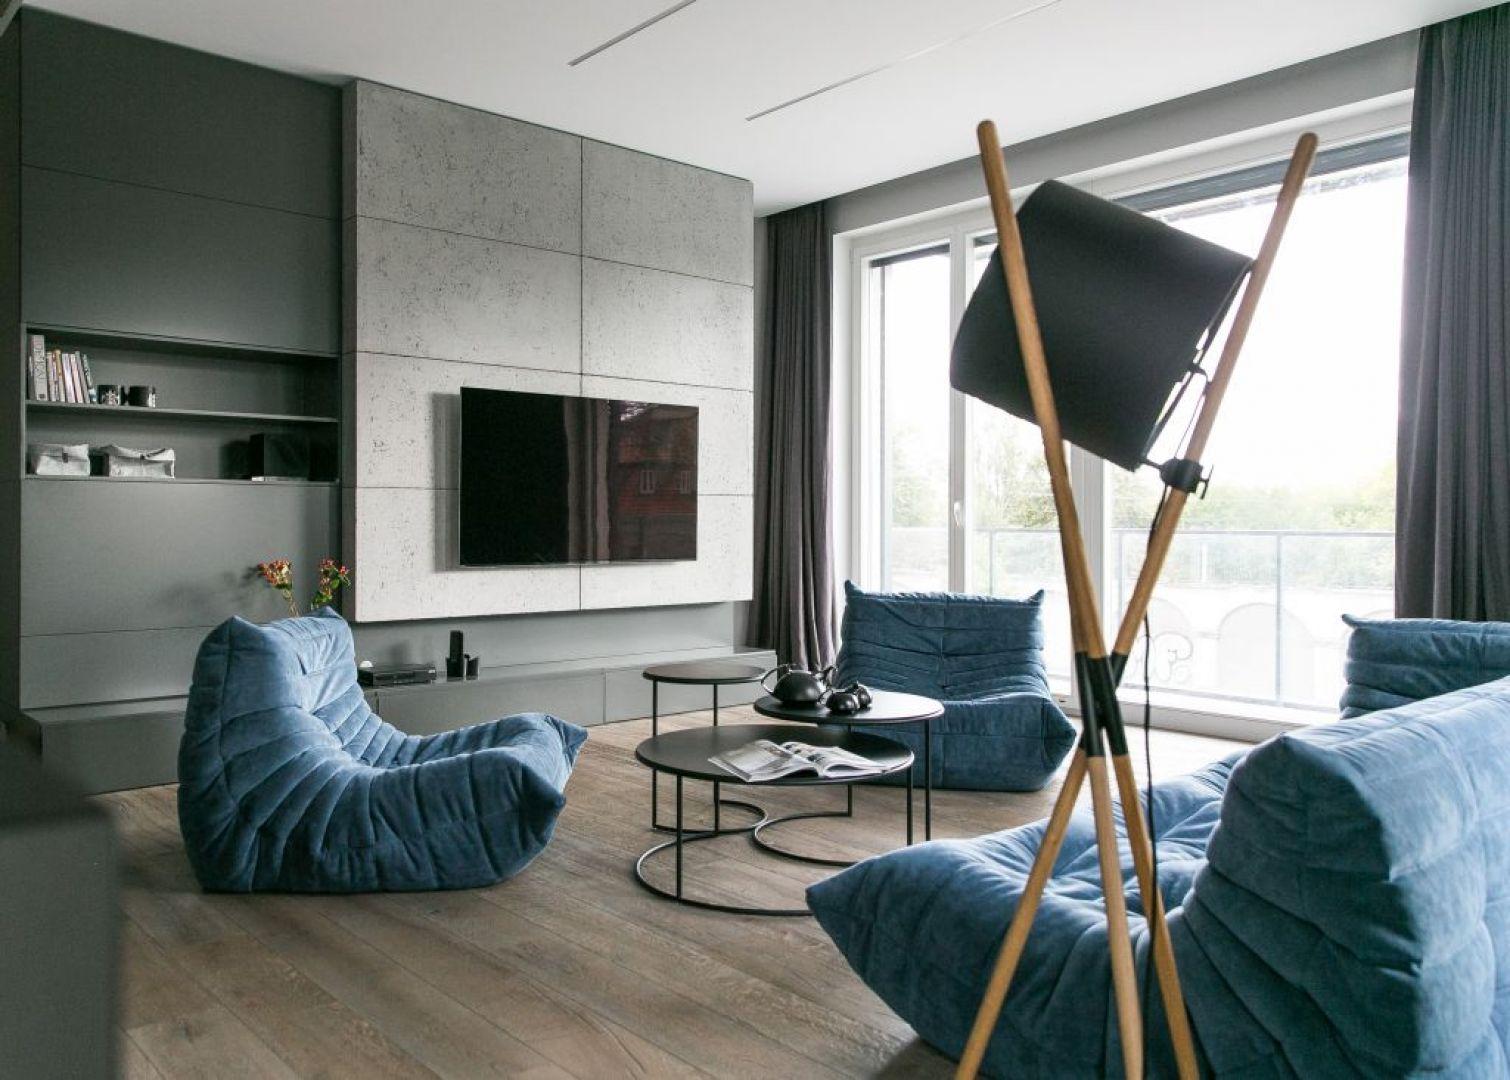 Wnętrze w nowoczesnym stylu: salon. Projekt: Joanna Zabłocka. Fot. Zawrotniak-Kucharska